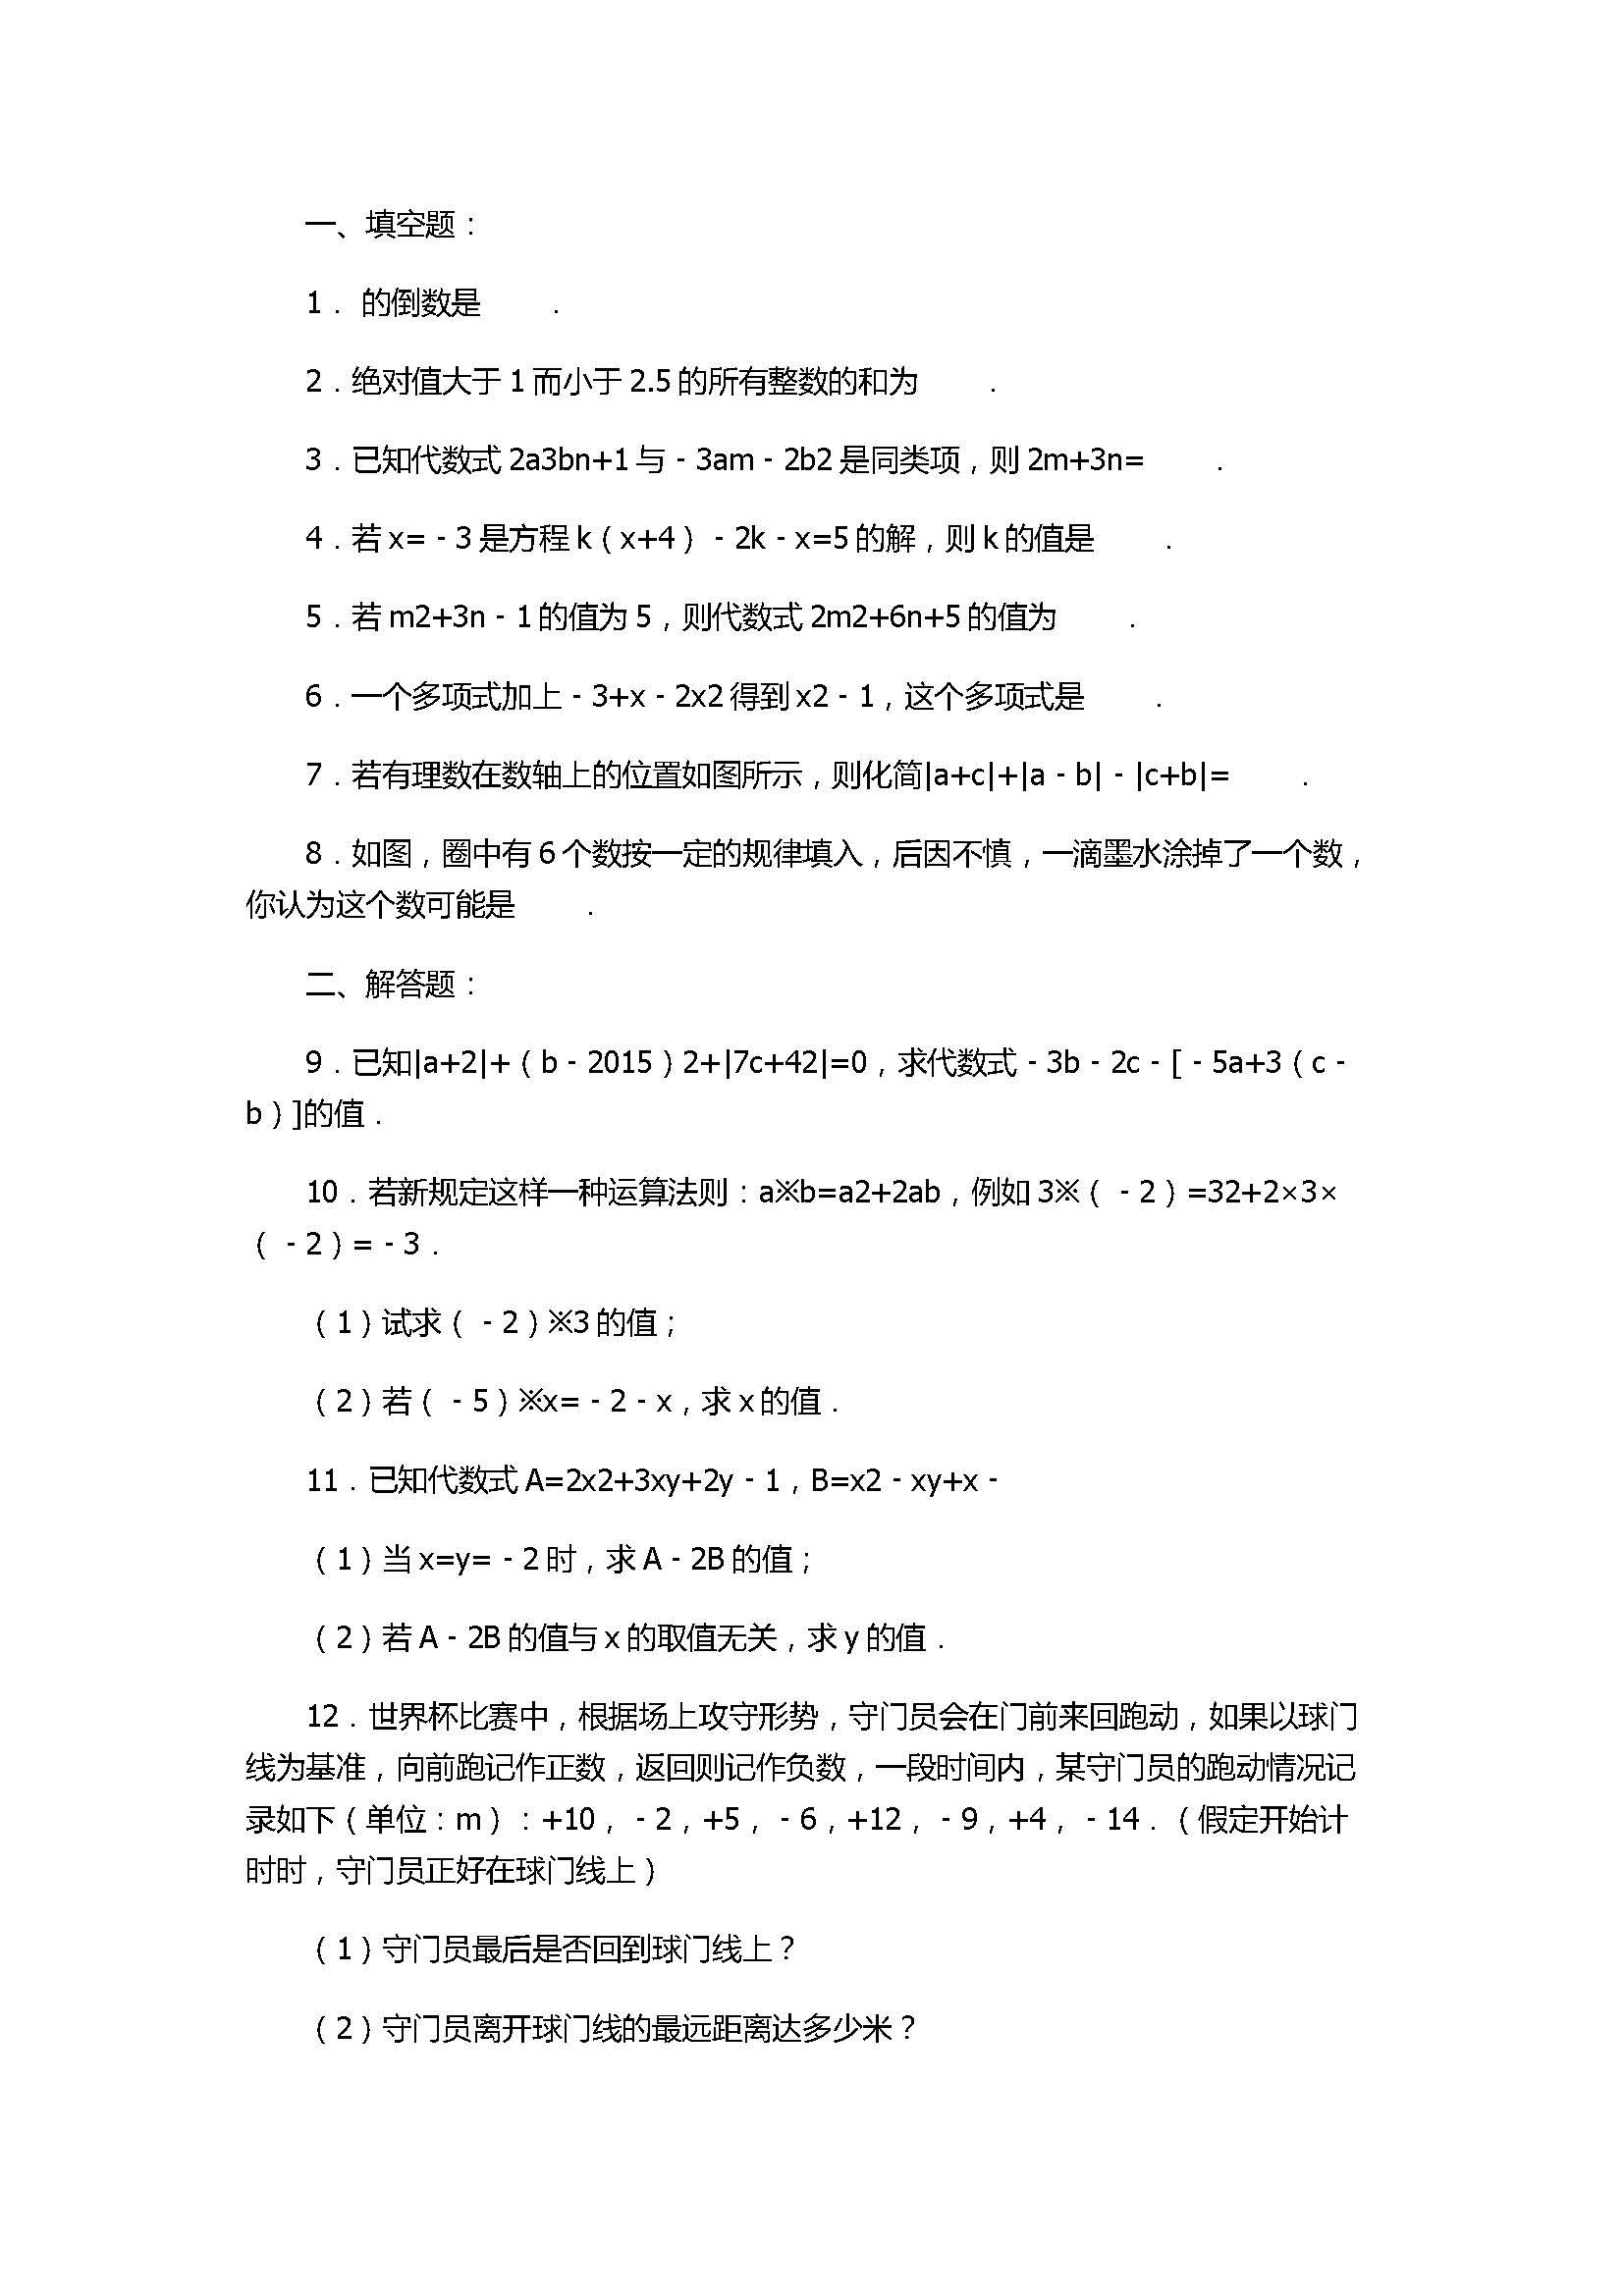 2017七年级上册数学期末复习试卷含答案和解释(江苏省苏州市)